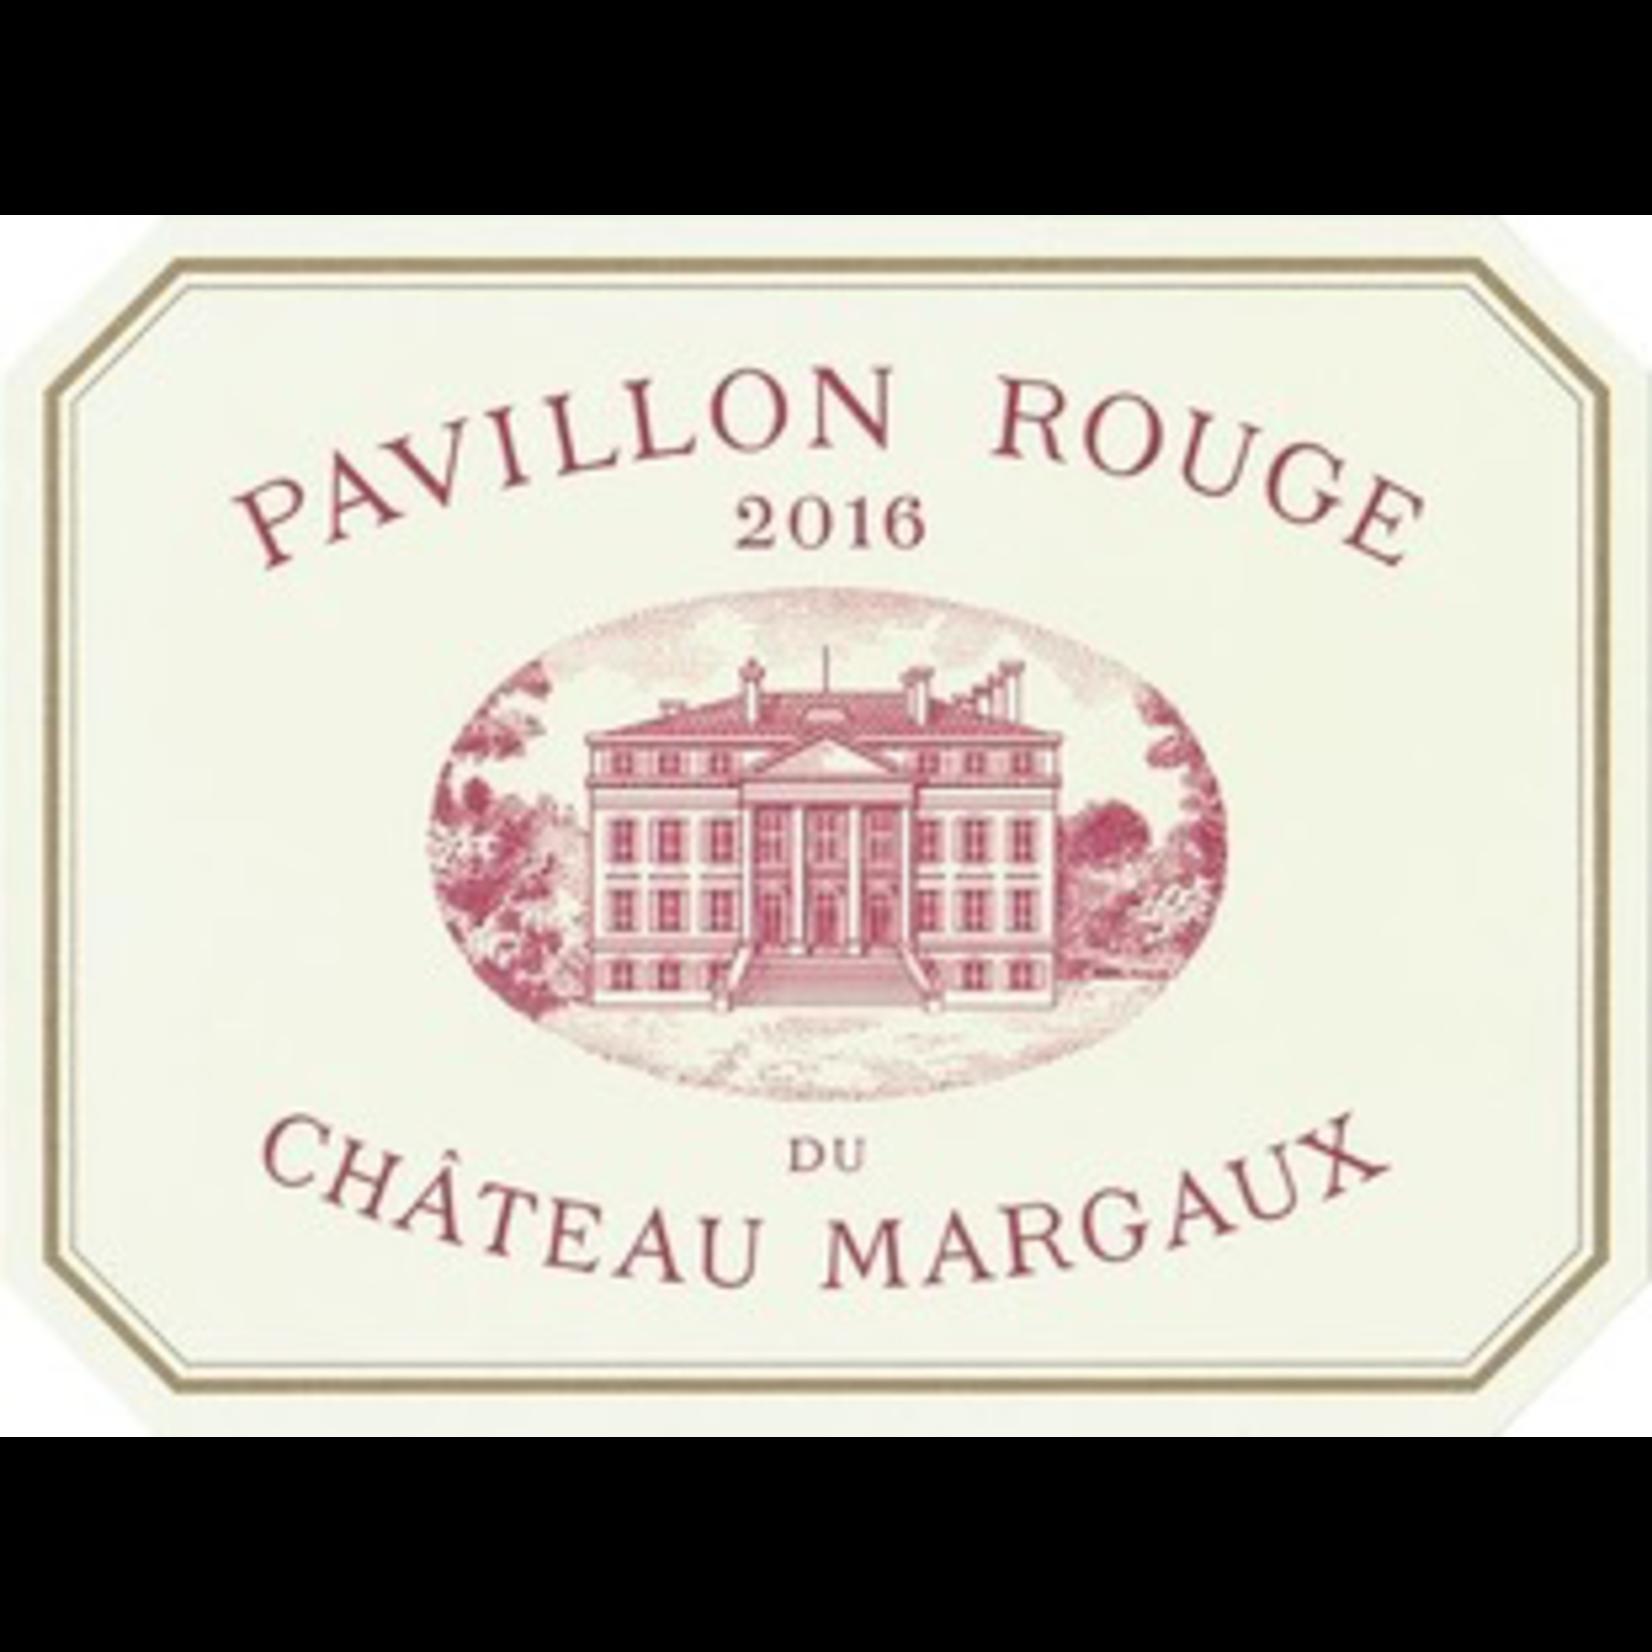 Wine Pavillon Rouge Du Chateau Margaux 2018